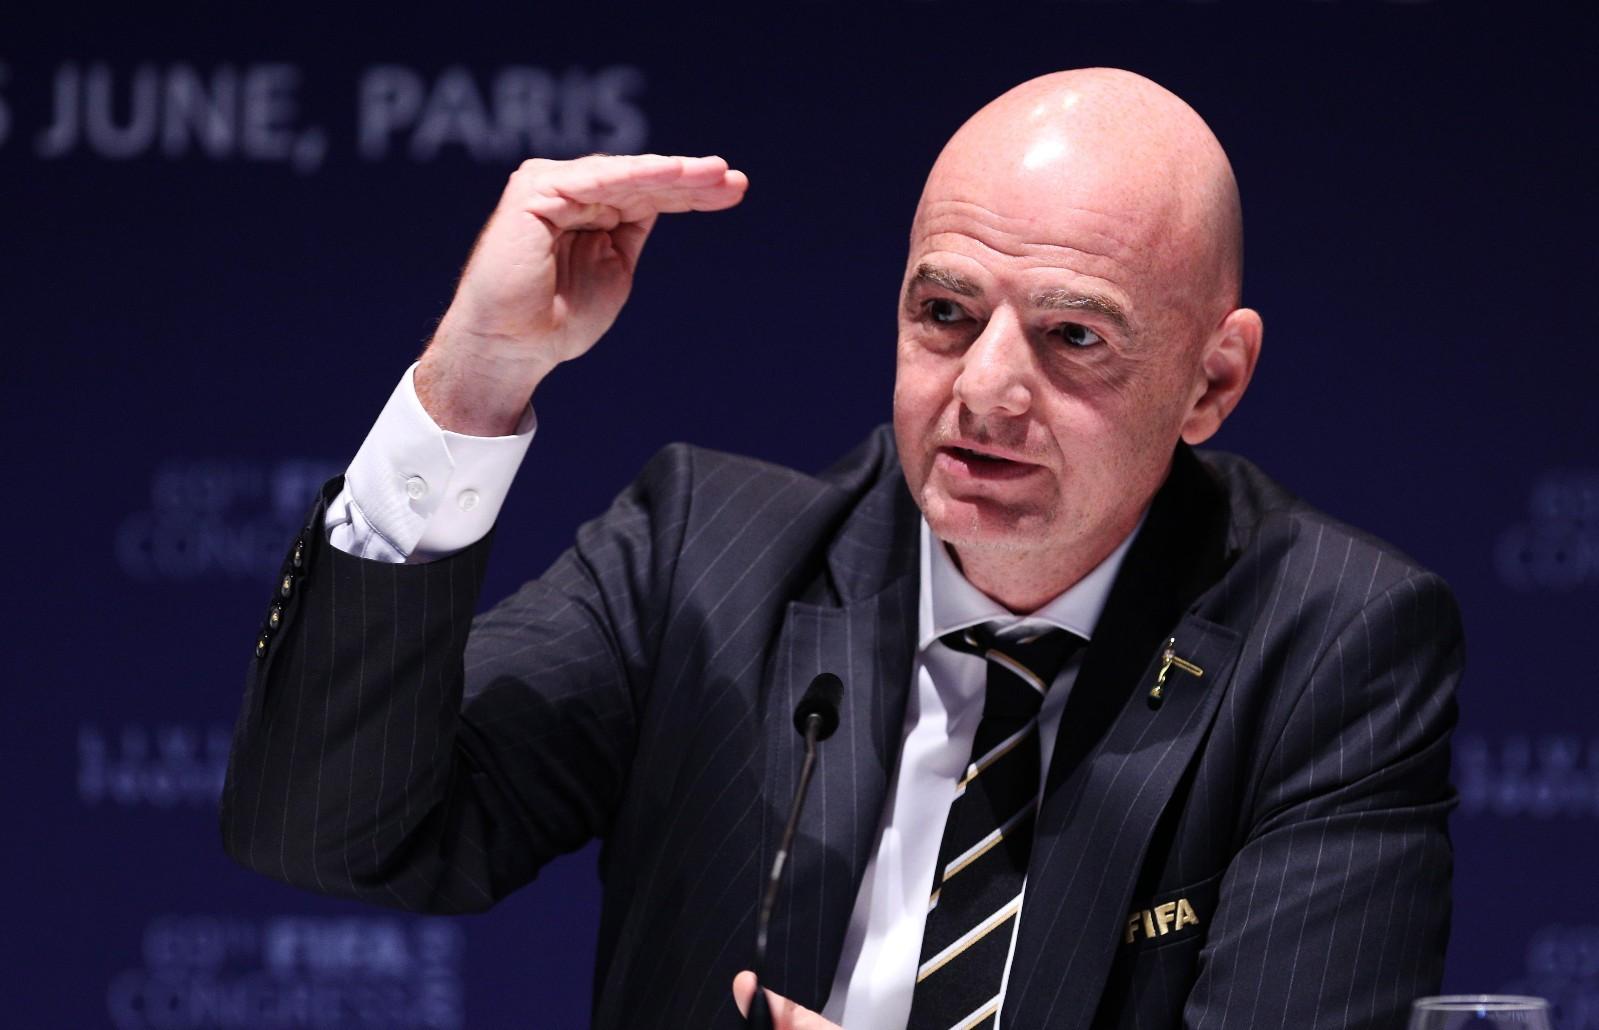 世界杯轮办规则有望重新讨论,中国申办2030希望重燃